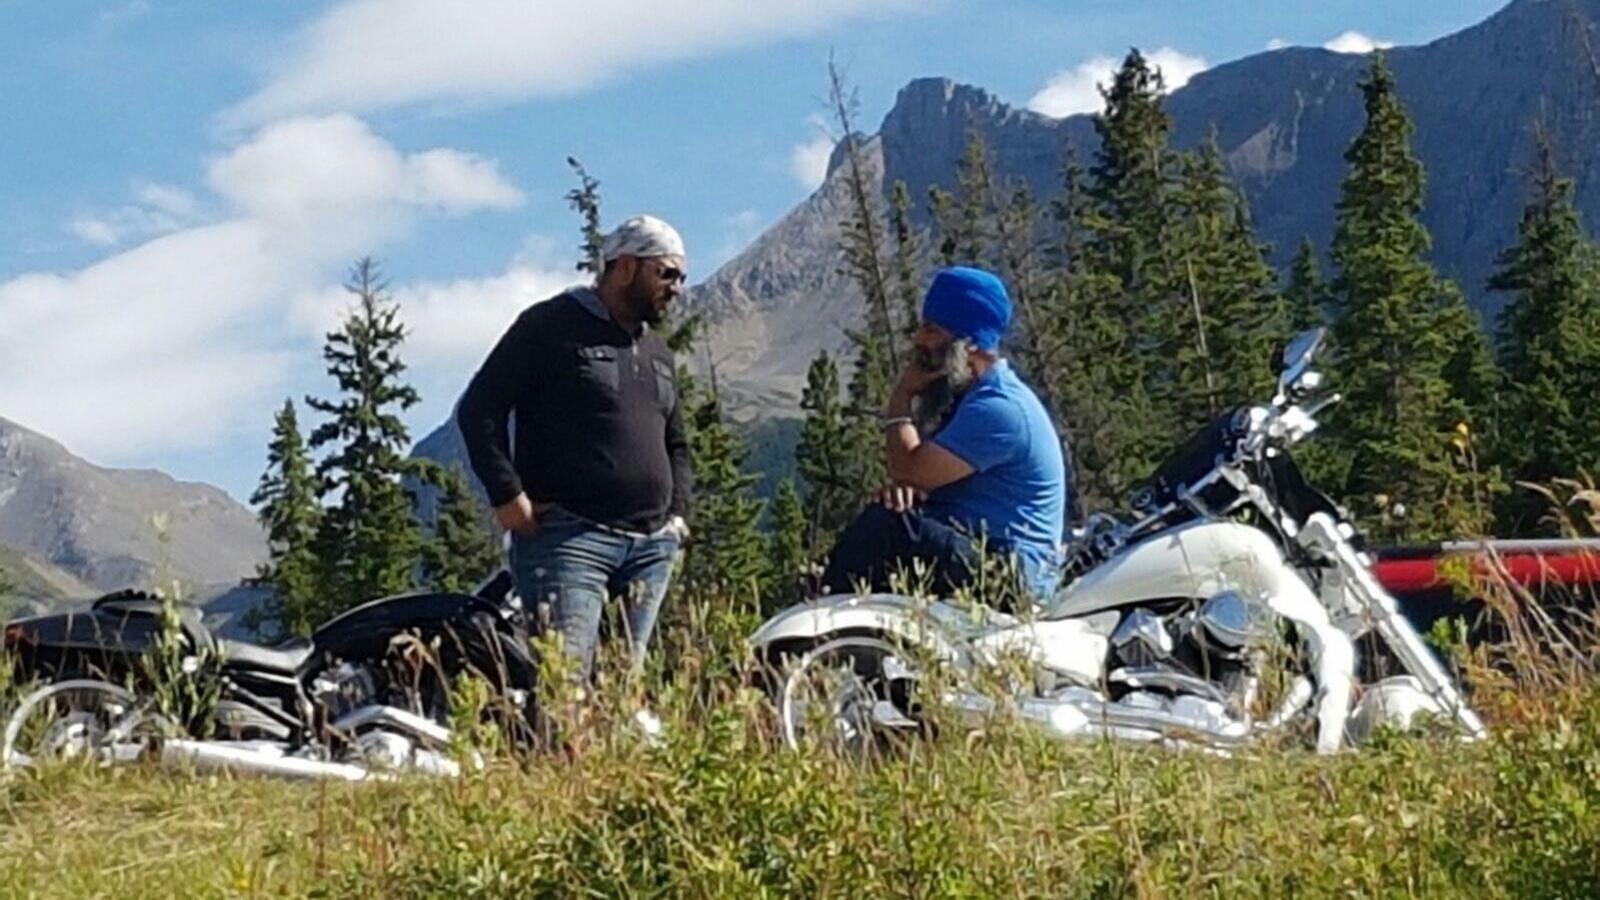 Un homme portant le turban sikh est assis sur une moto, tandis qu'un autre portant un foulard se tient debout, près d'une deuxième moto.